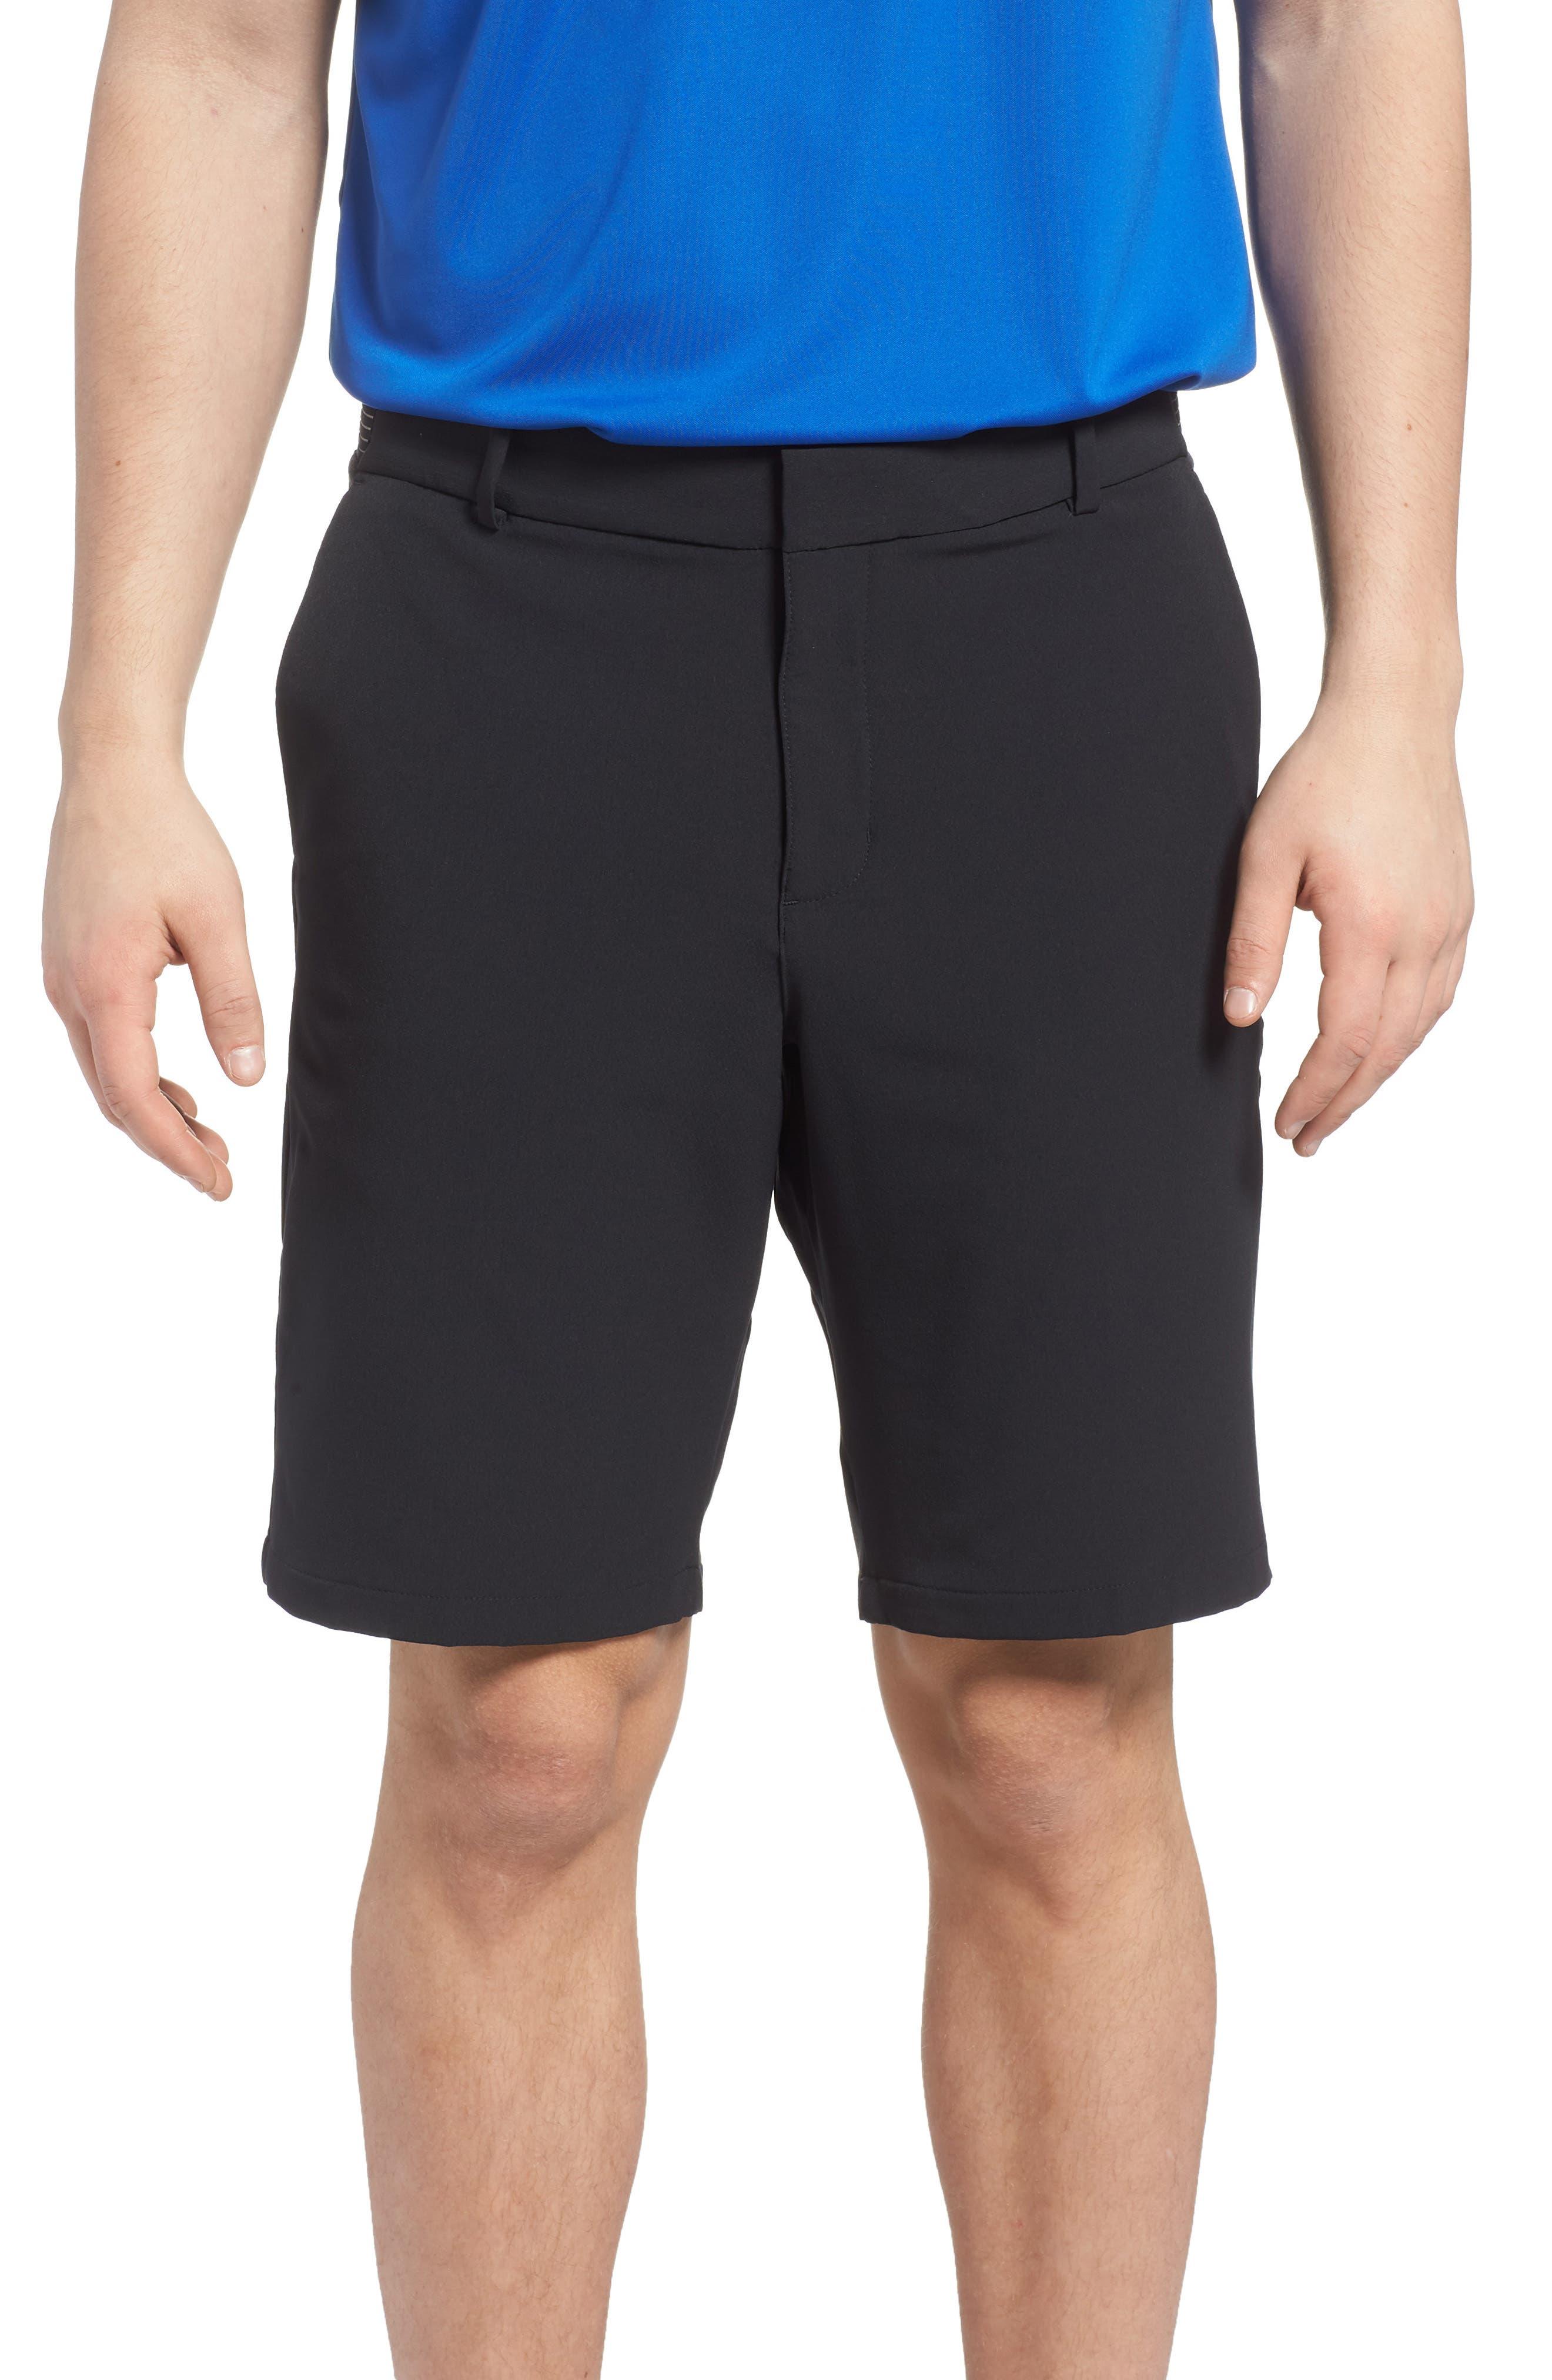 NIKE, Flex Slim Fit Dri-FIT Golf Shorts, Main thumbnail 1, color, BLACK/ BLACK